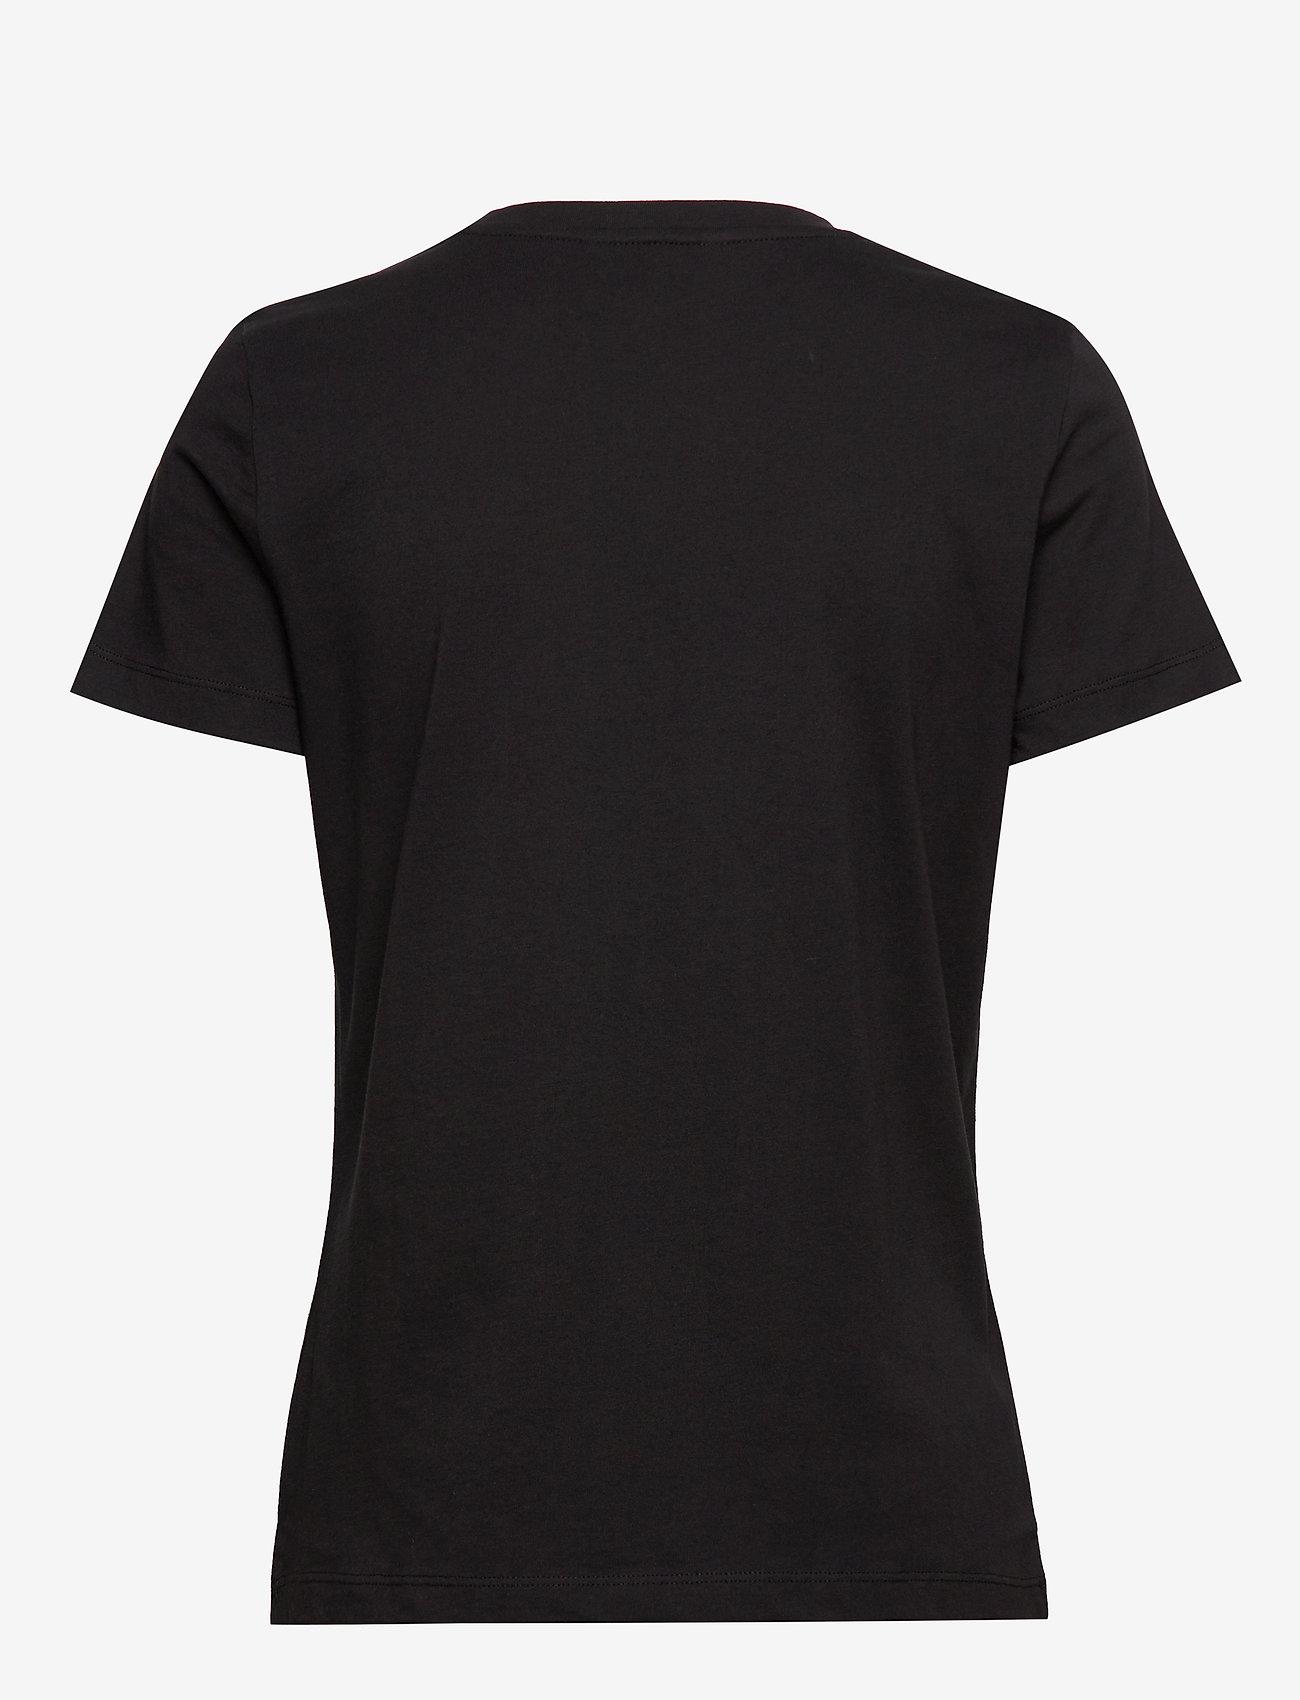 Tommy Hilfiger - NEW TH ESS HILFIGER - logo t-shirts - black